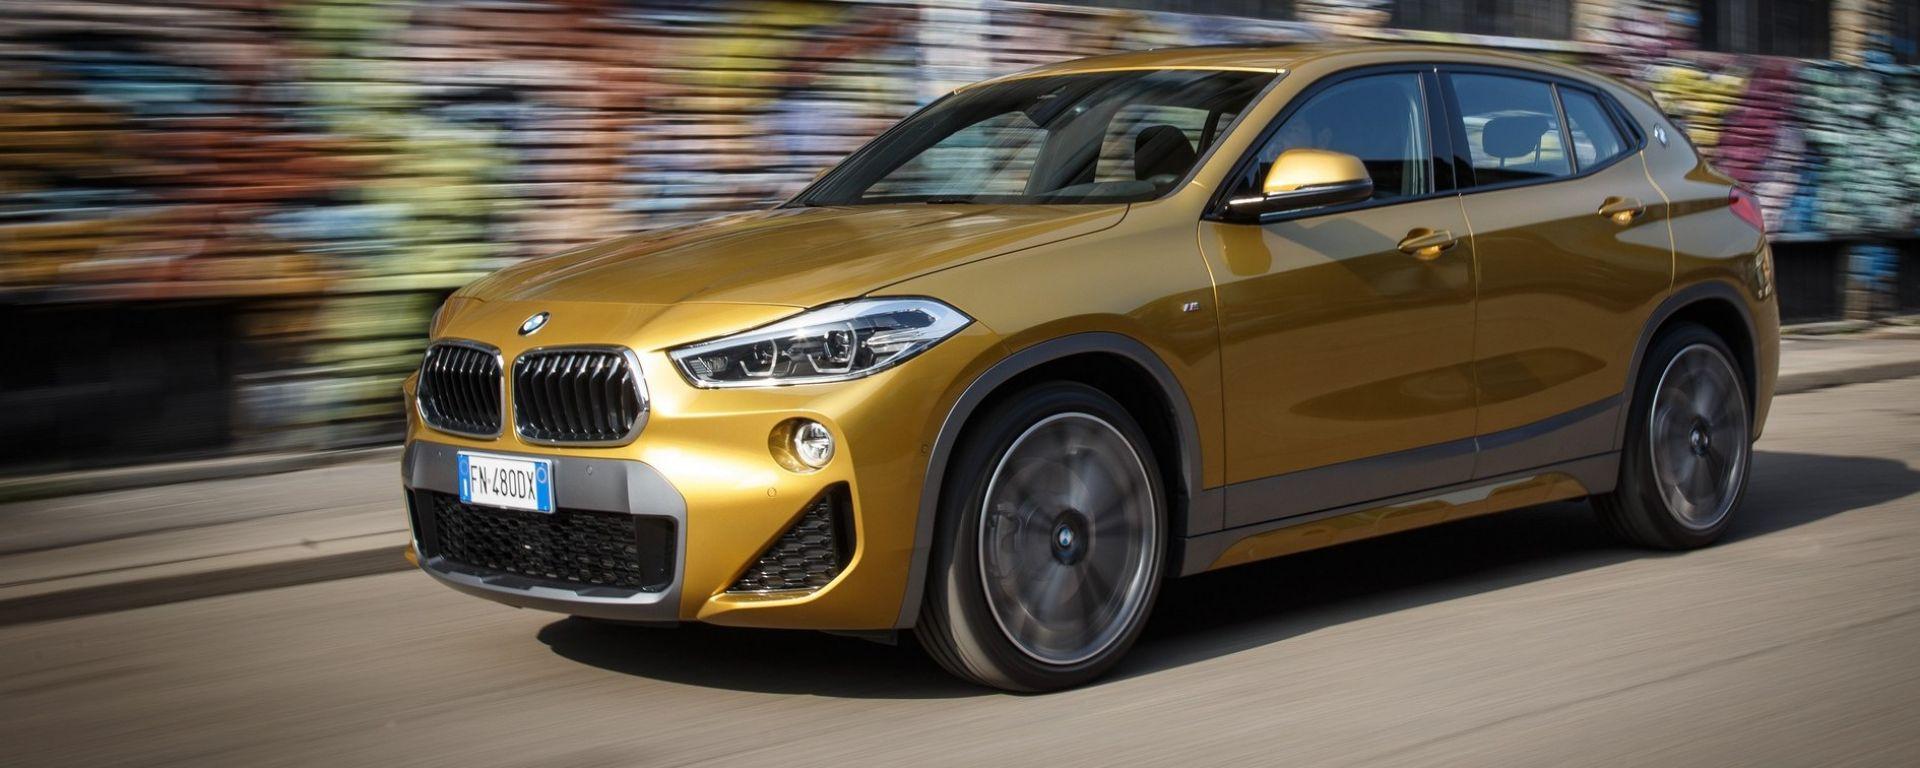 BMW X2: in città si fa notare... e guidare [VIDEO]